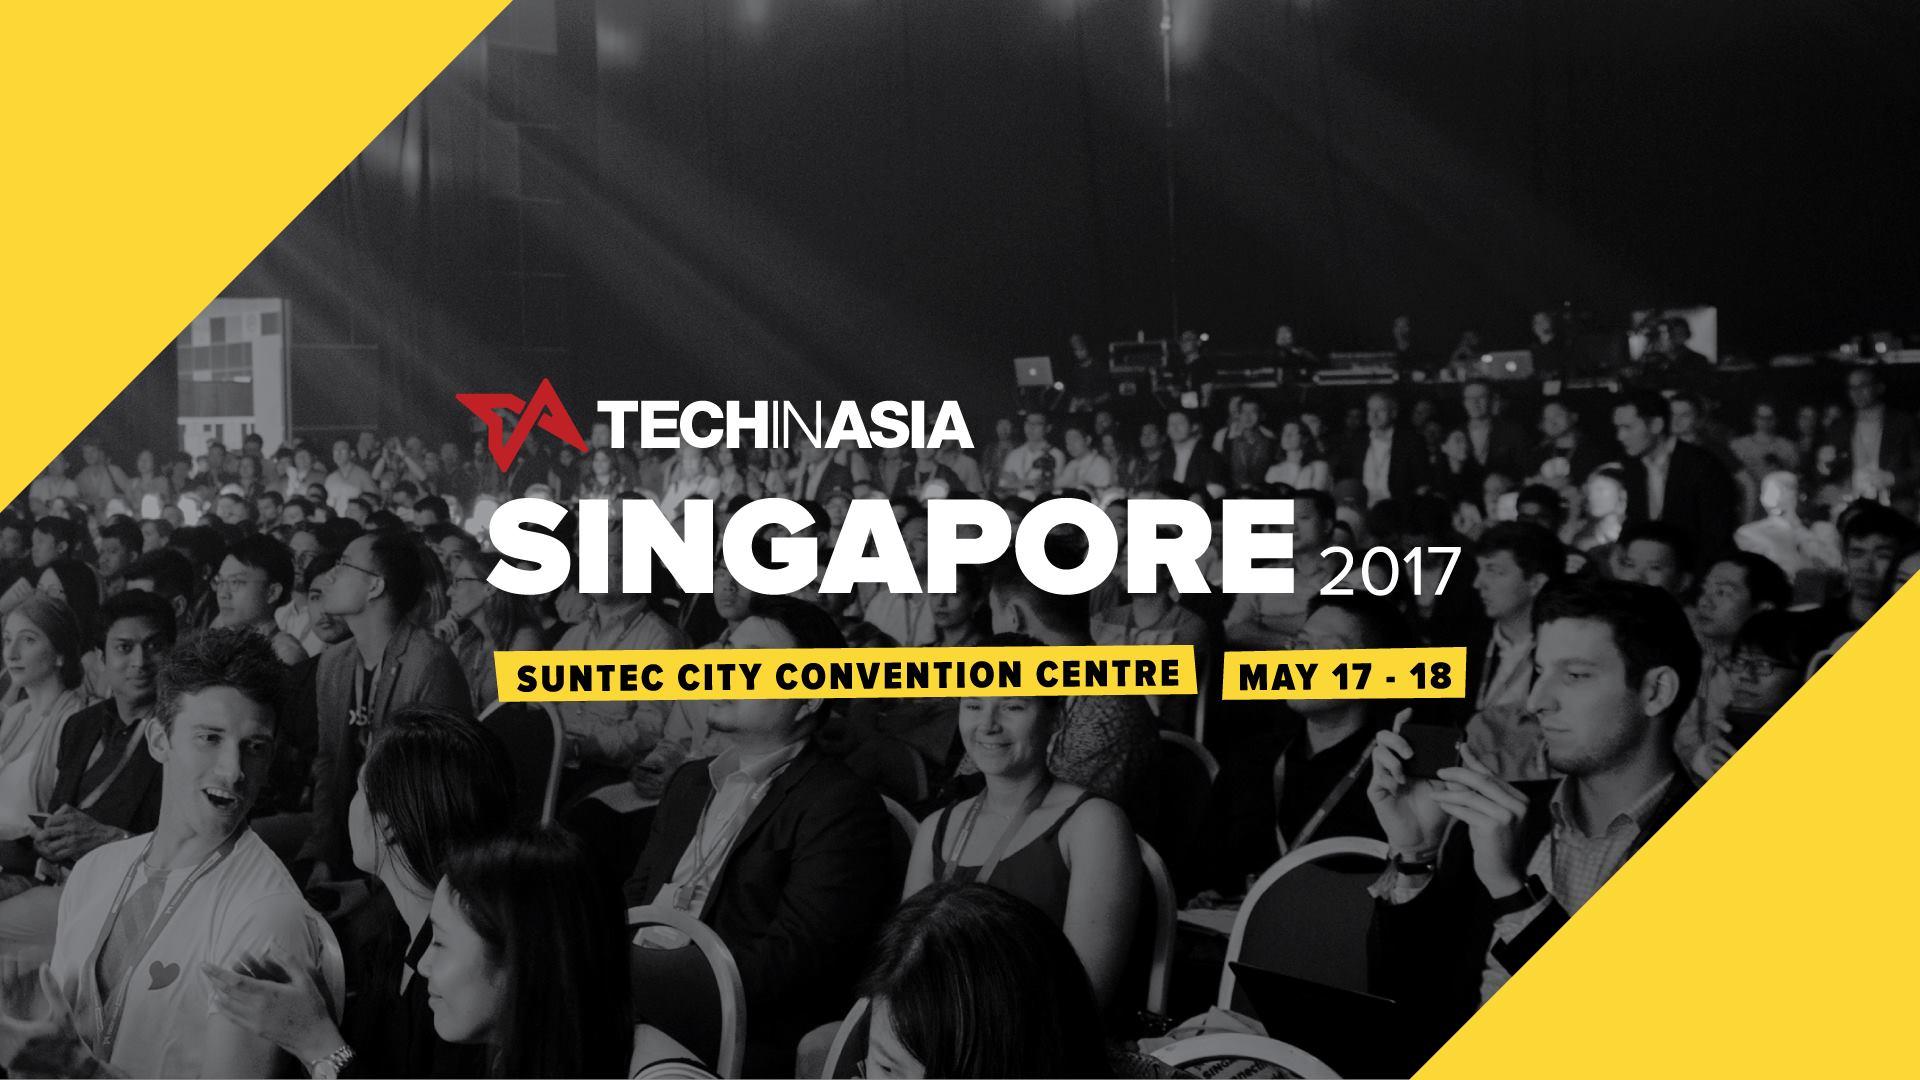 techinasia2017.jpg